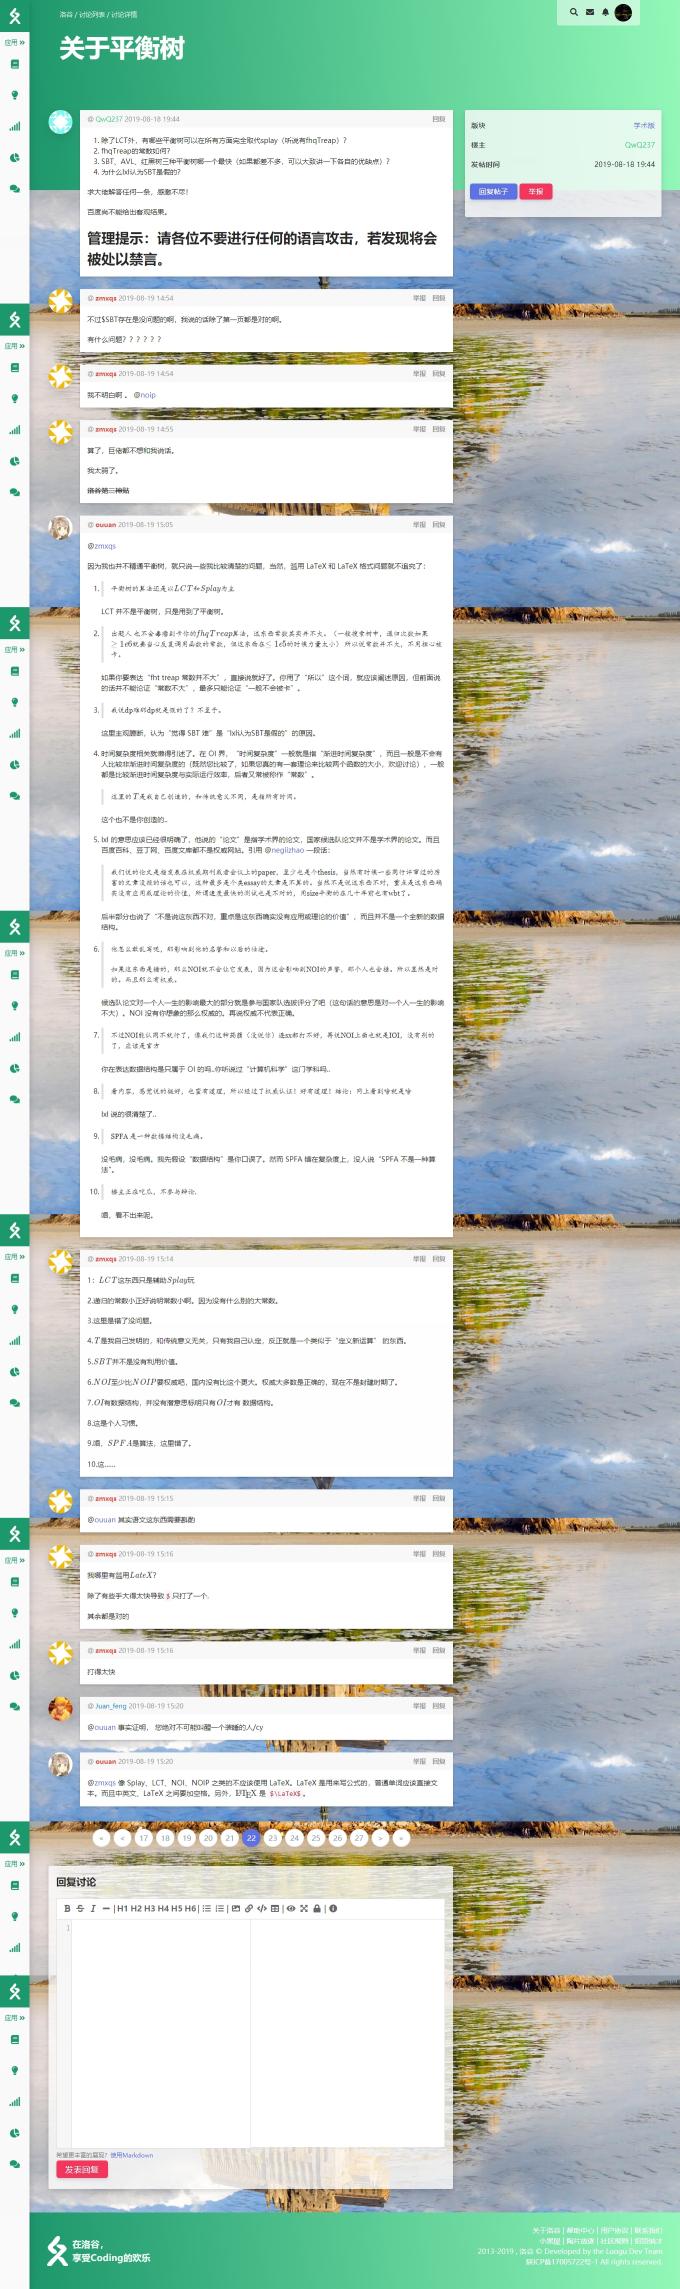 luogu.org 关于平衡树 洛谷计算机科学教育新生态 (22)